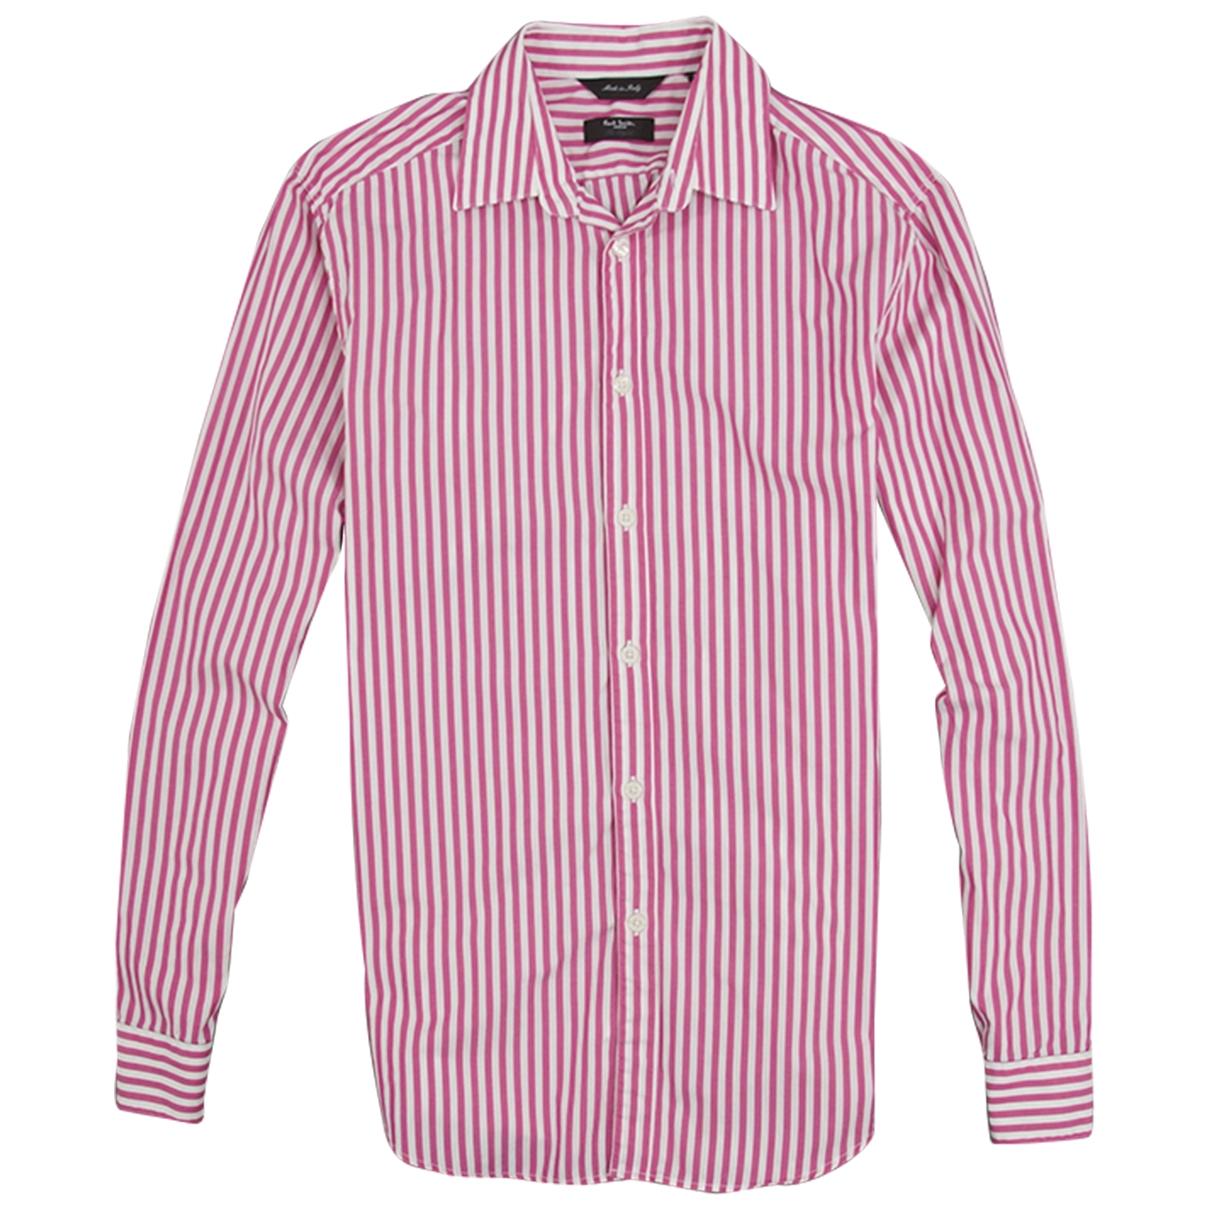 Paul Smith \N White Cotton Shirts for Men 38 EU (tour de cou / collar)